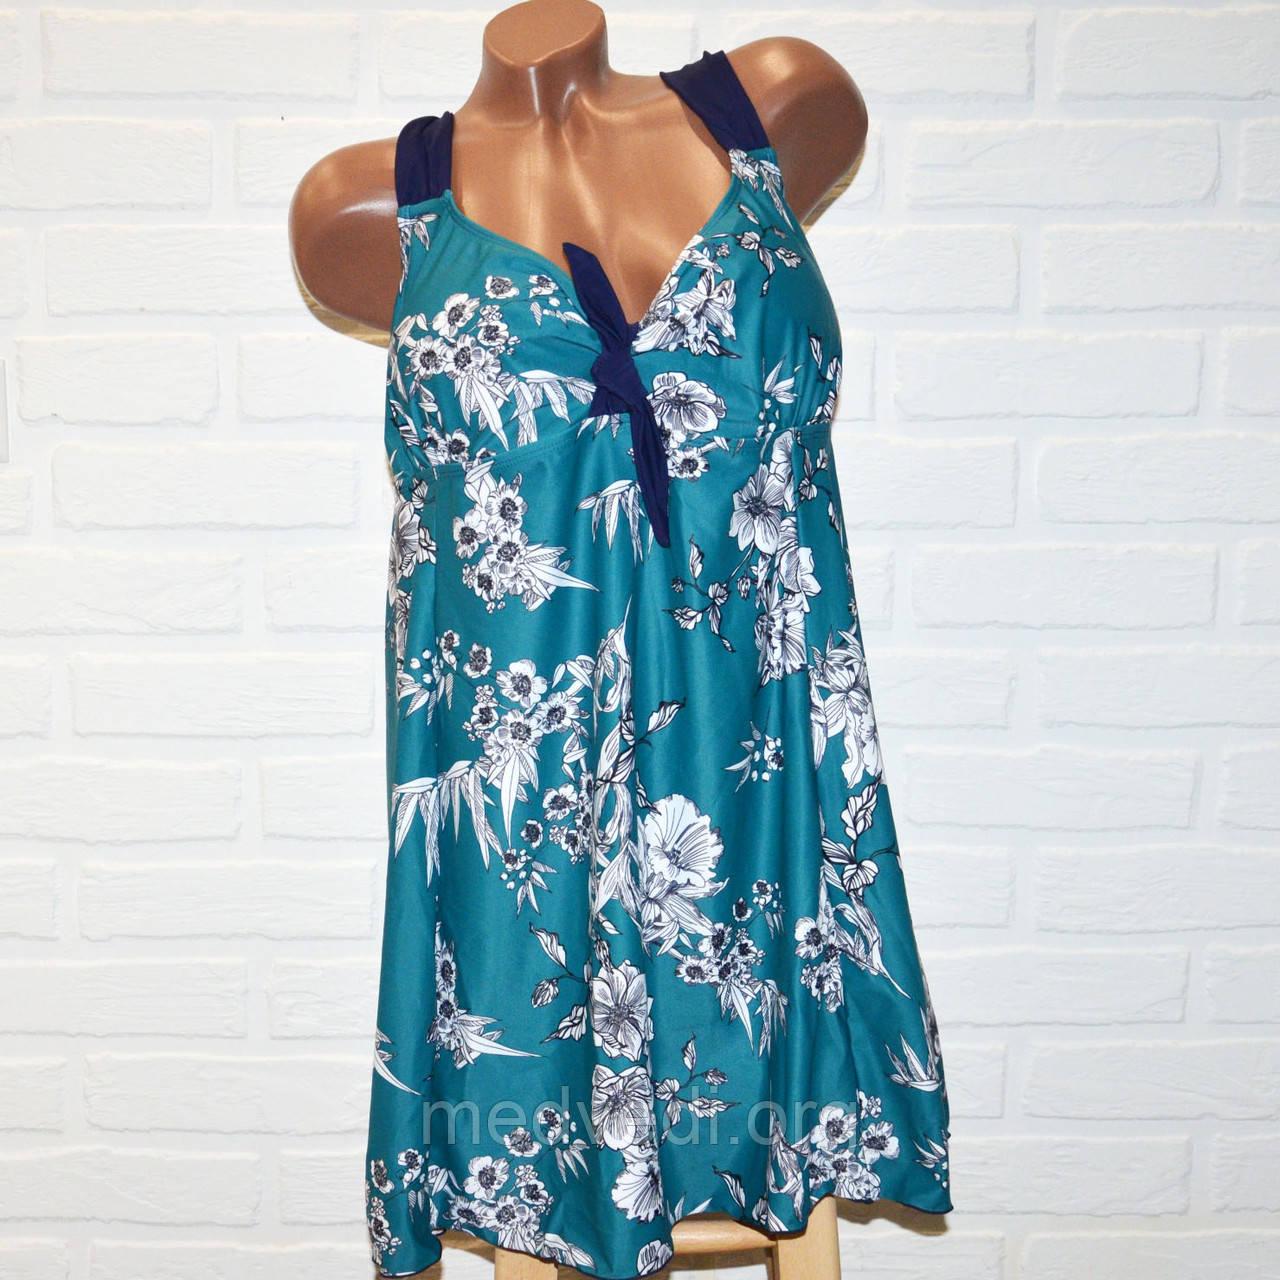 Зеленый купальник платье 68 размер, шикарный танкини для больших дам